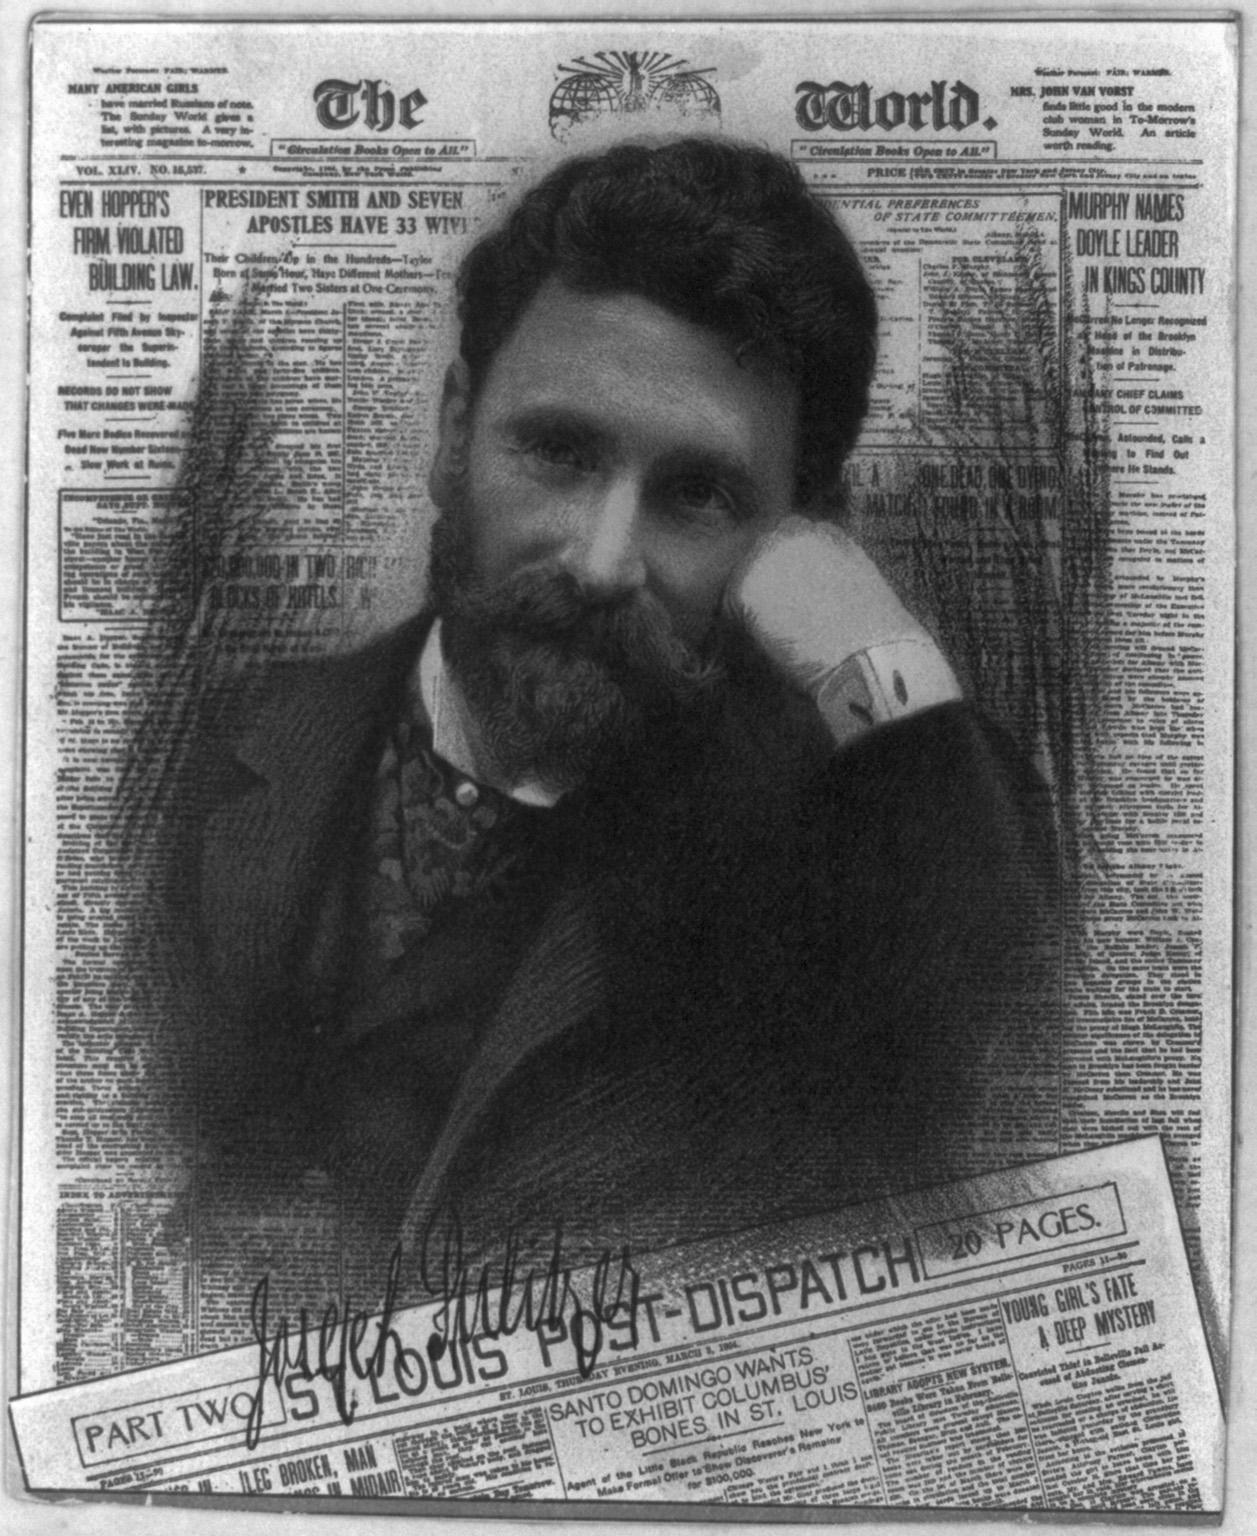 Cromolitografia di Joseph Pulitzer sovrapposta alla composizione di alcuni suoi giornali